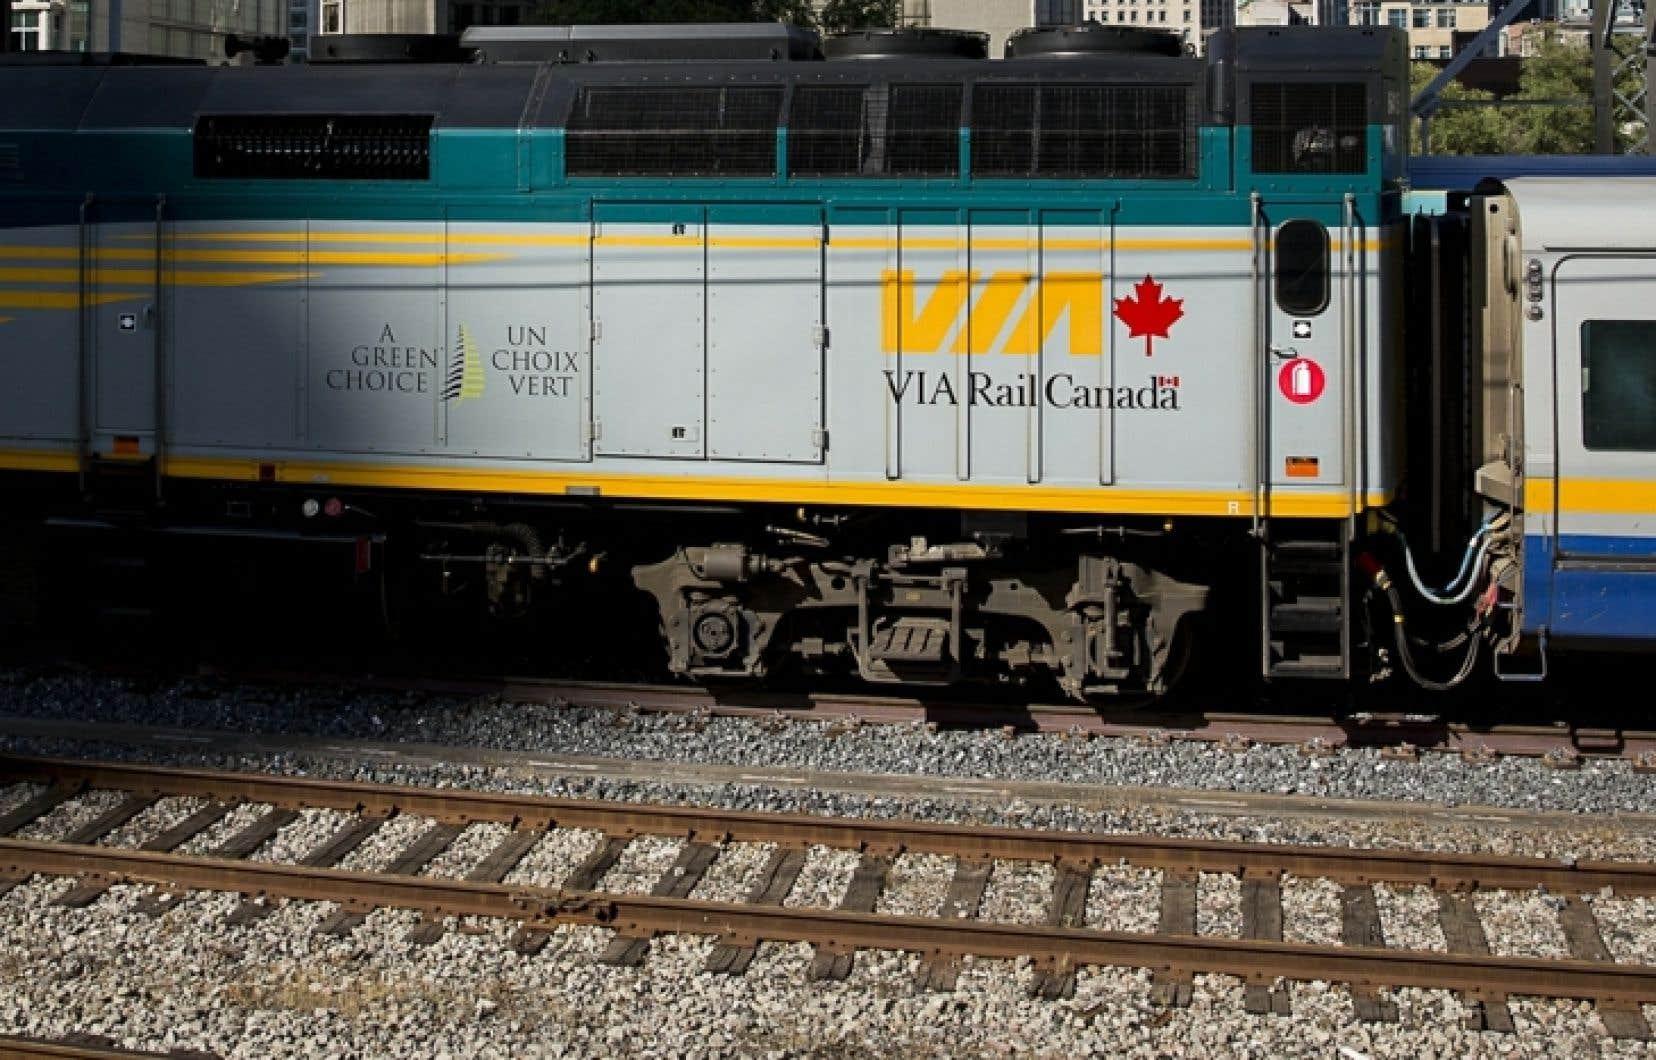 Les trains qui effectuent la liaison entre Ottawa et Montréal circulent quant à eux selon l'horaire régulier.